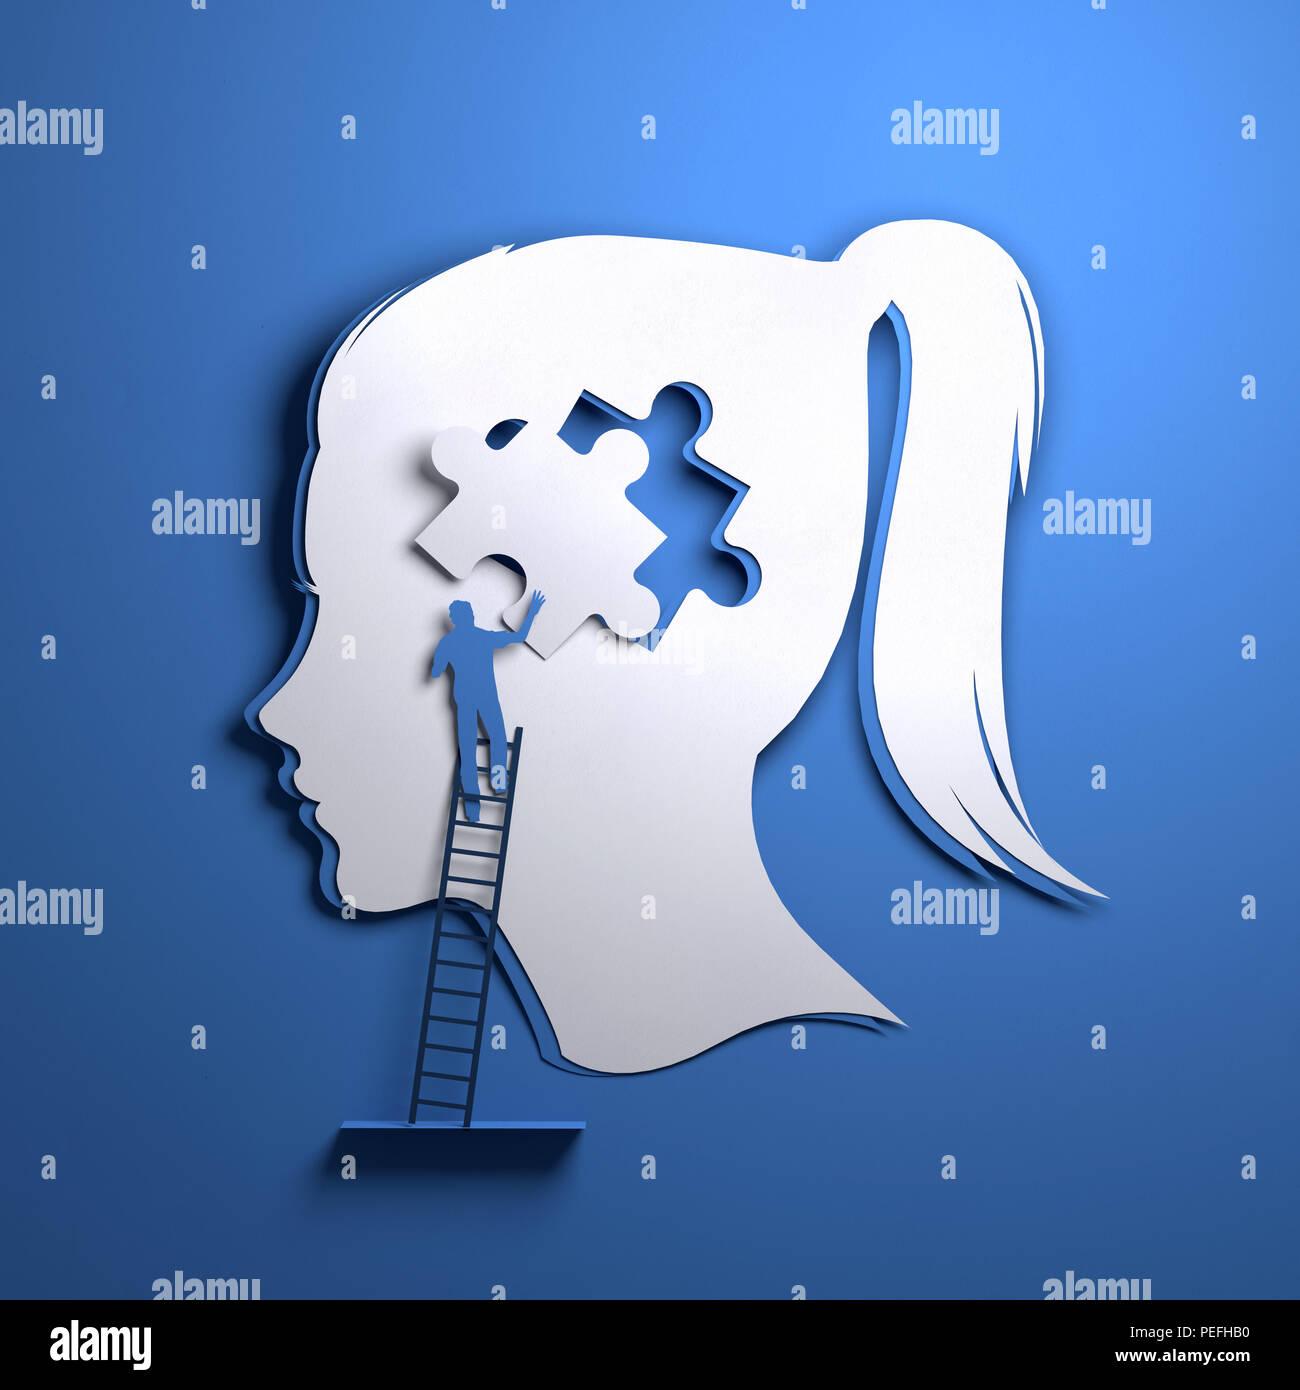 Arte en papel plegado origami. La silueta de una cabeza de mujer con una persona agregando una pieza del puzzle. Mindfulness conceptual ilustración 3D. Imagen De Stock